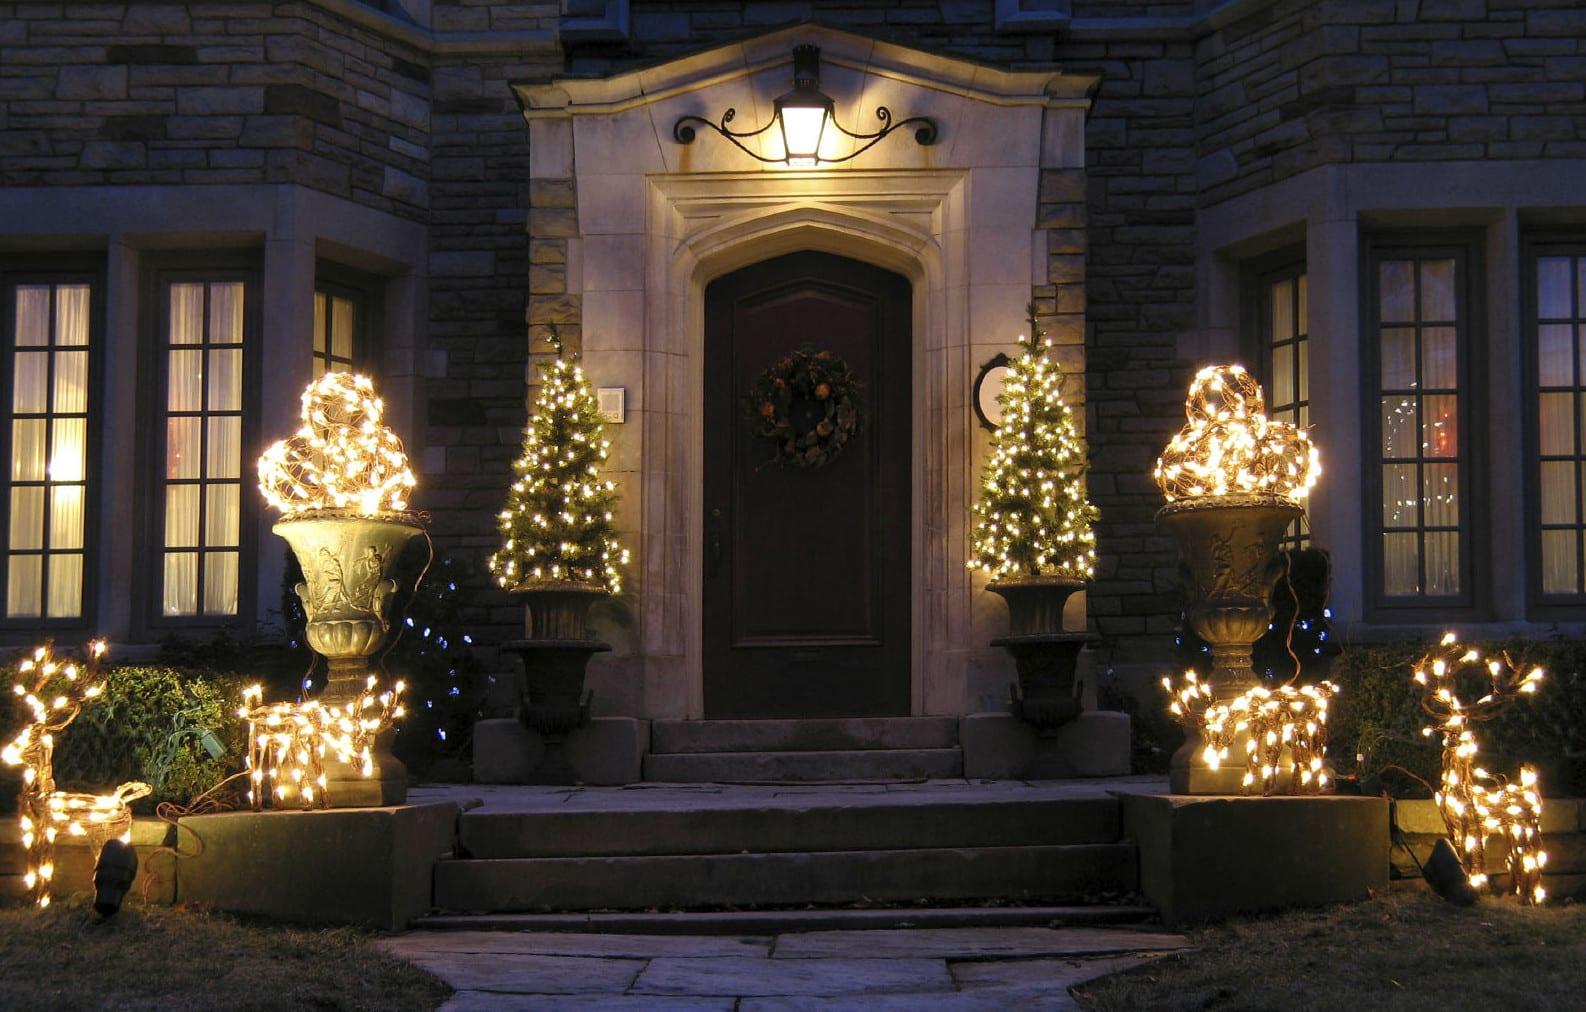 Haustren mit Stil  auch zur Weihnachtszeit ein Blickfang